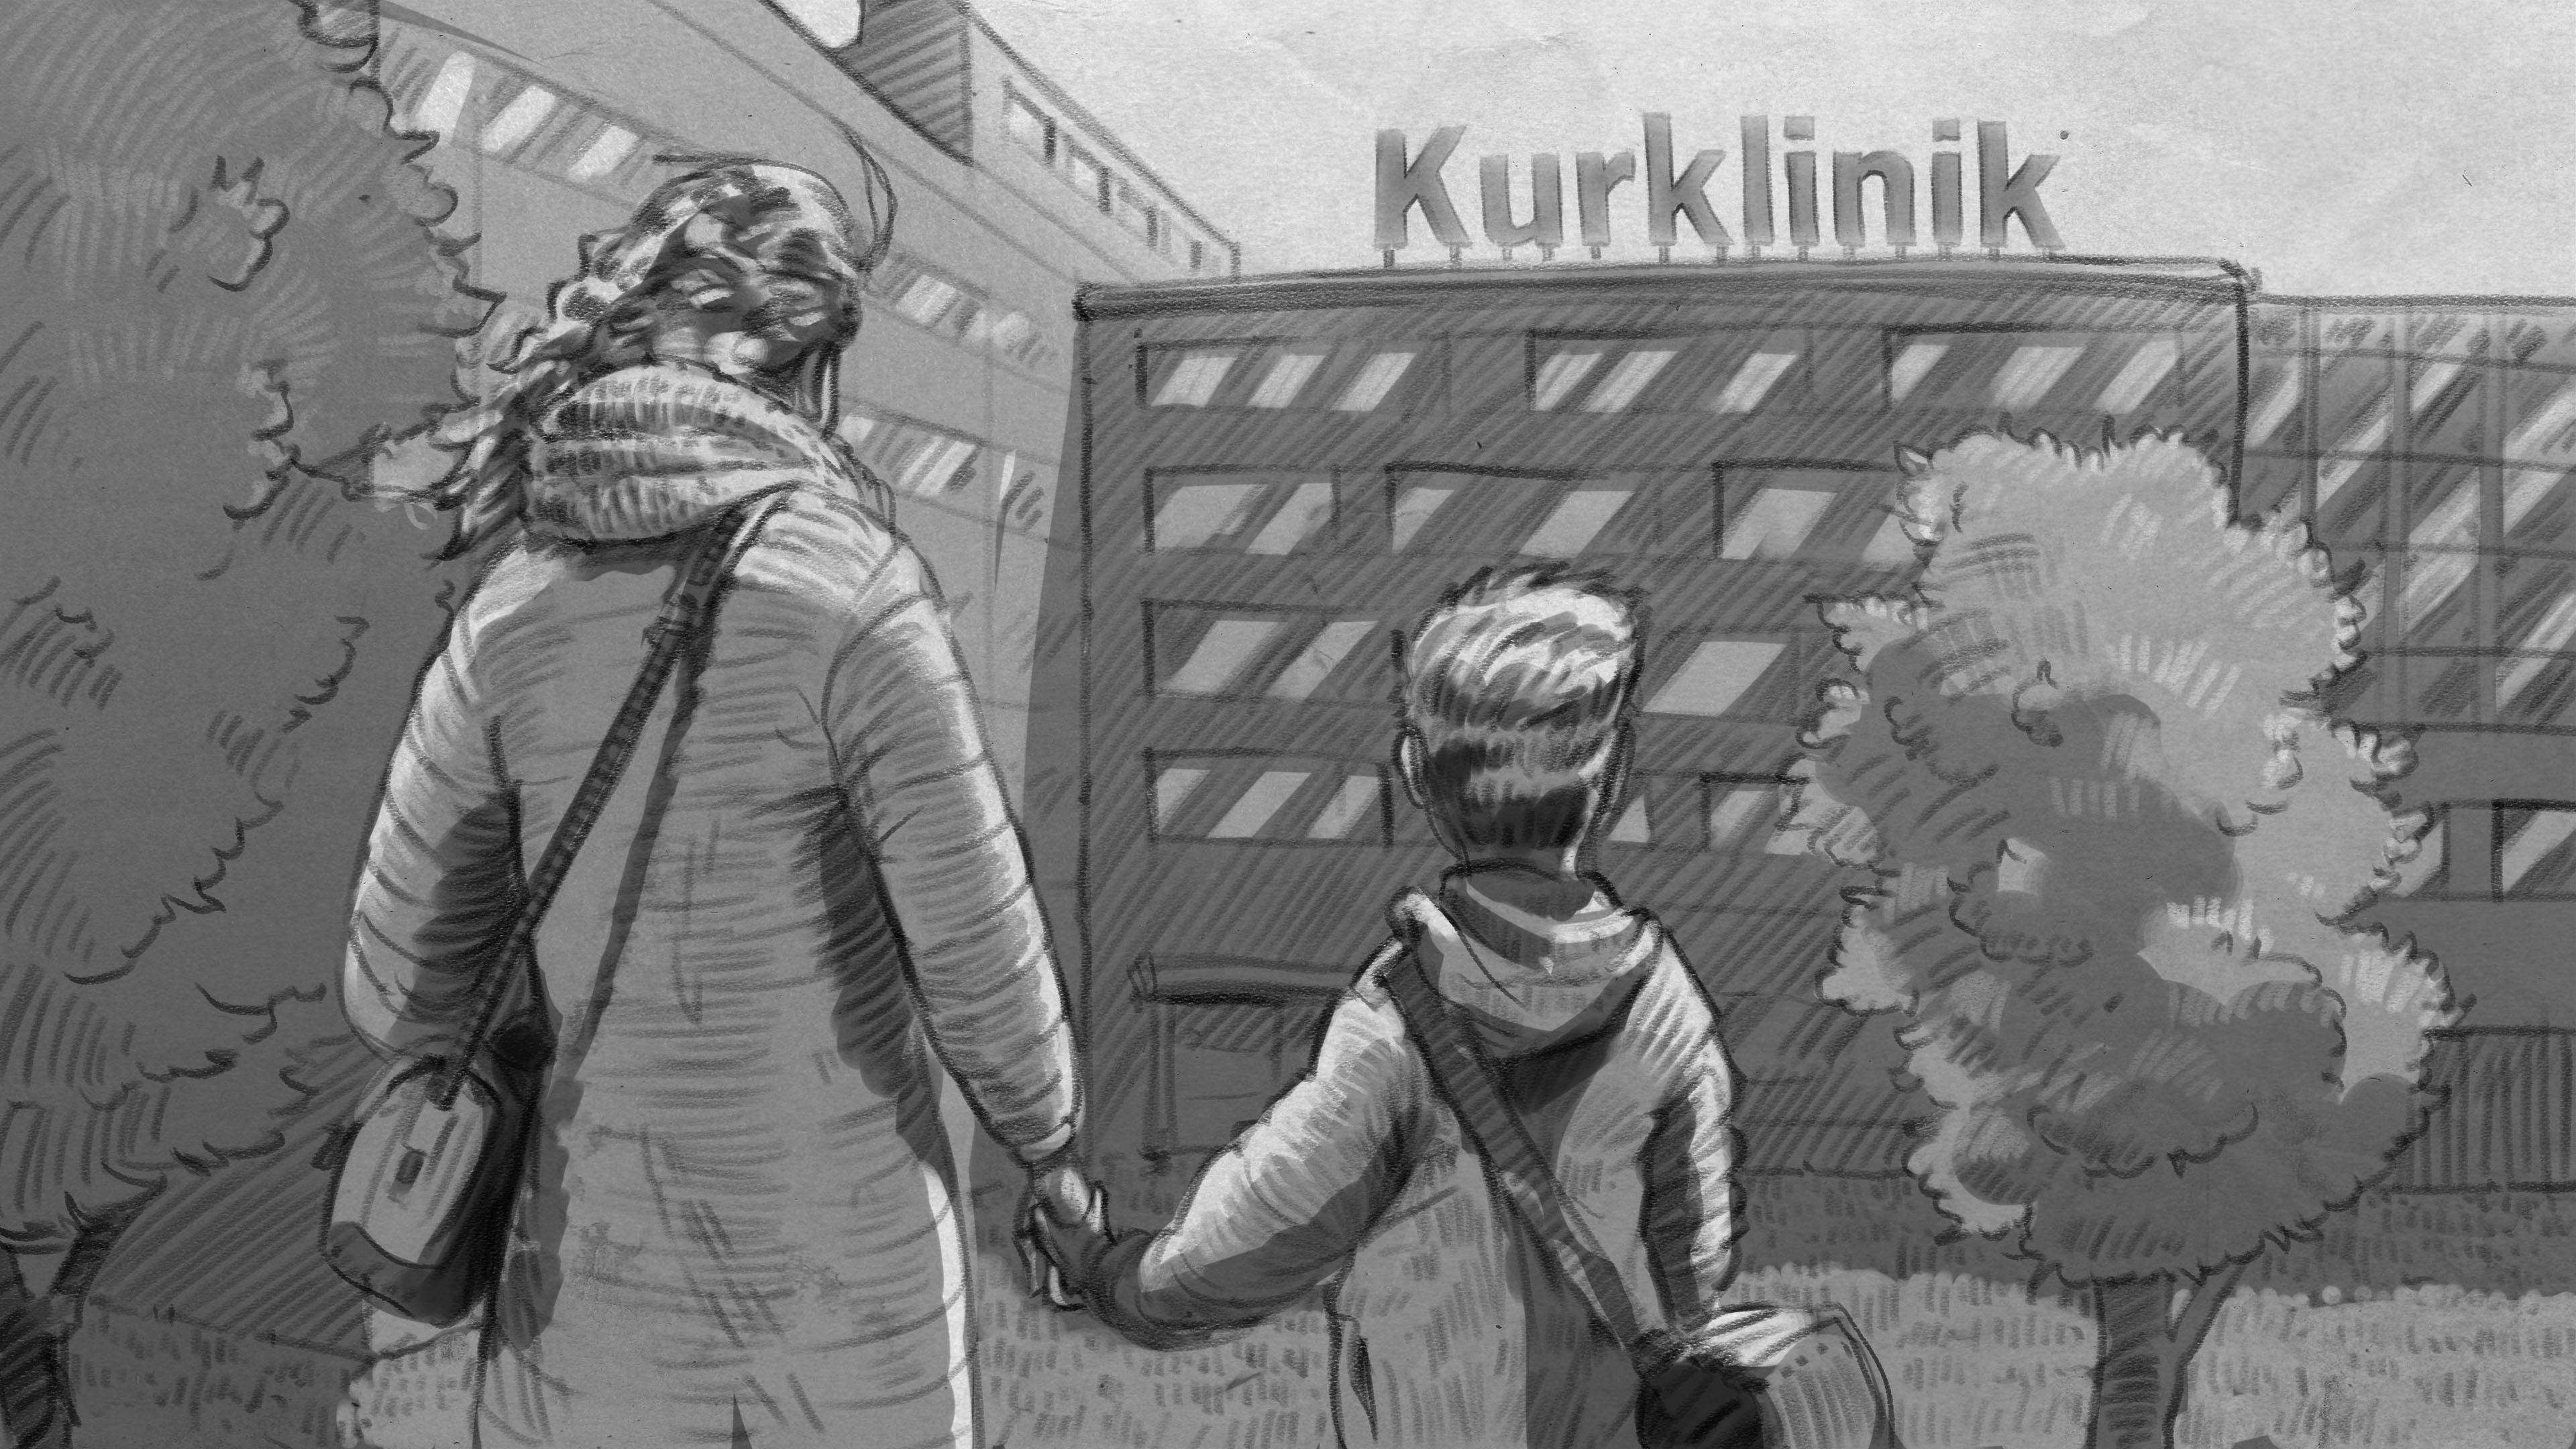 Illustration: Mutter und Sohn stehen Hand in Hand vor Kurklinik